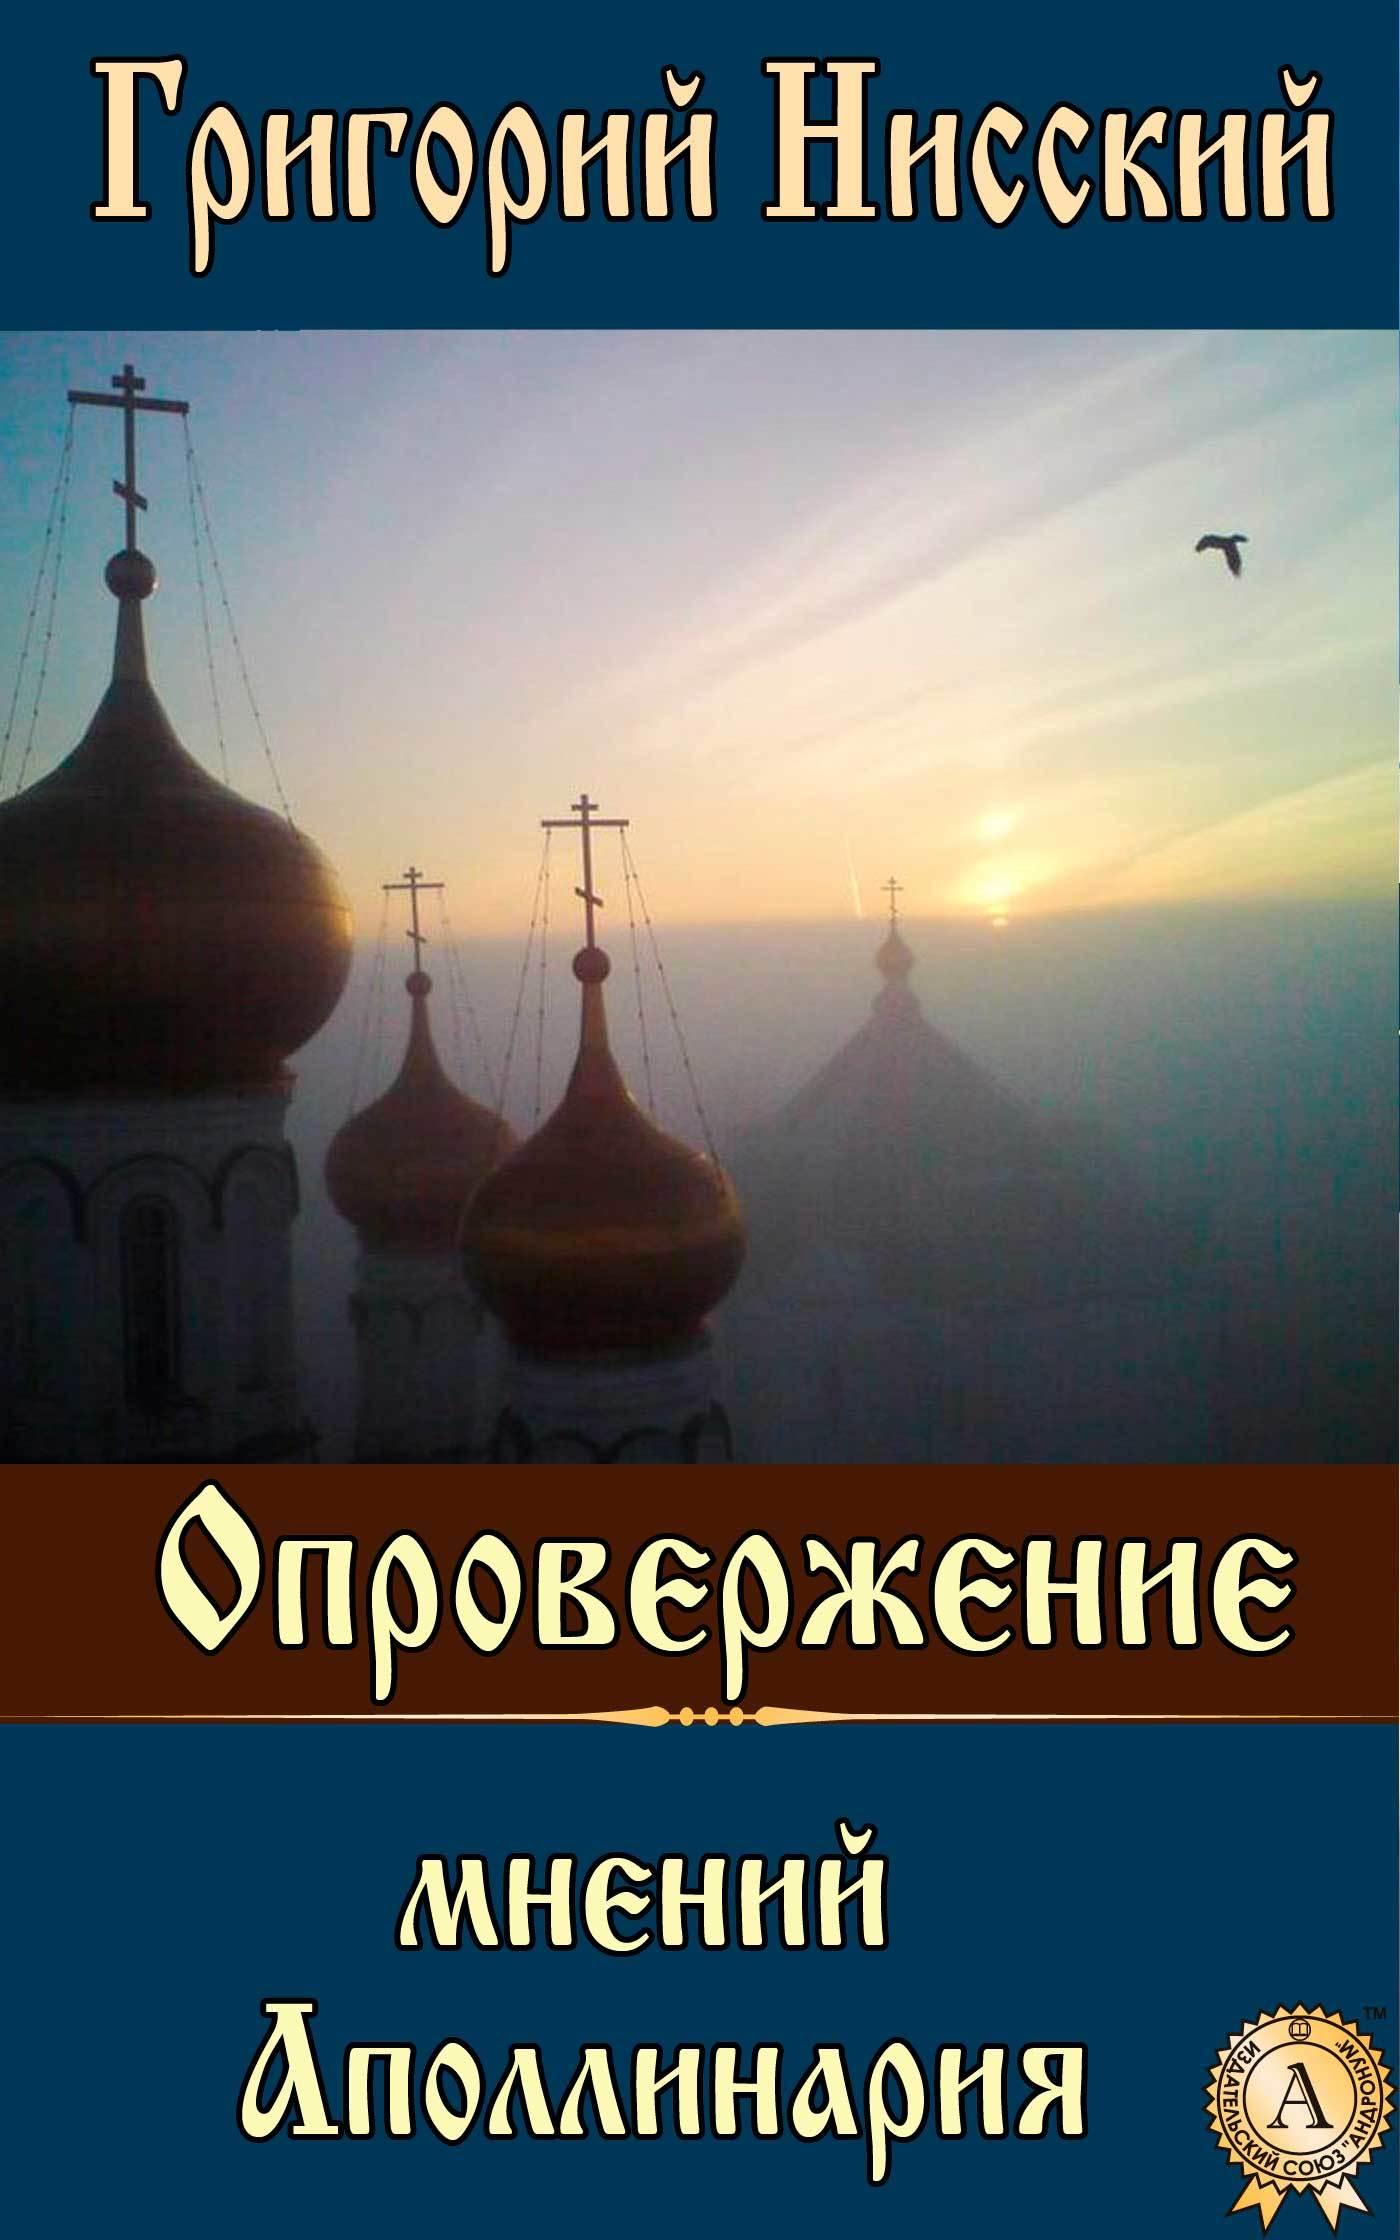 Возьмем книгу в руки 21/12/85/21128572.bin.dir/21128572.cover.jpg обложка